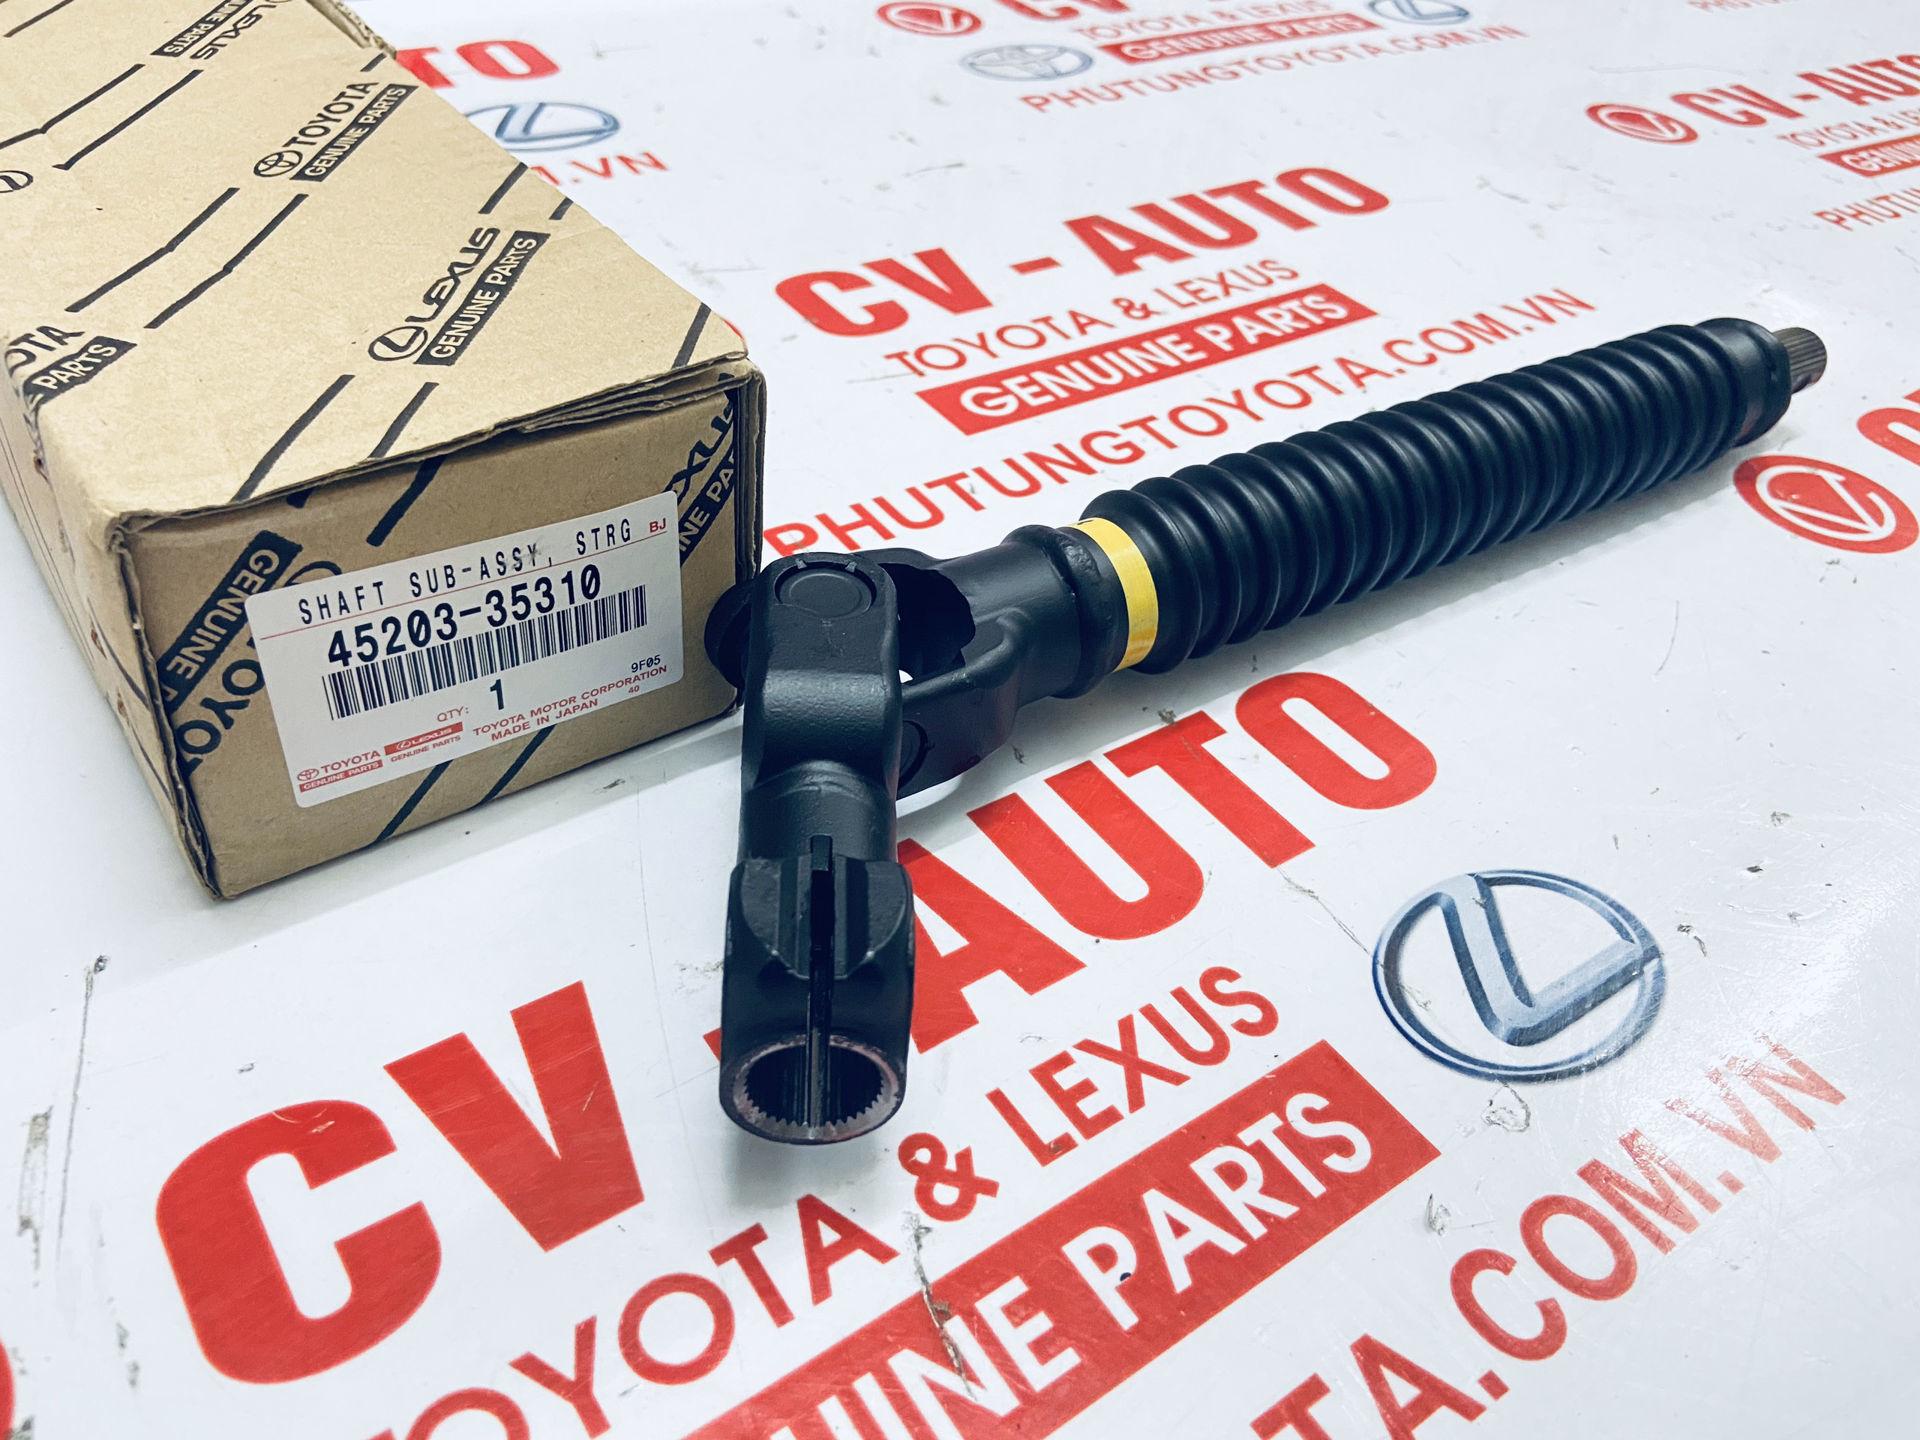 Picture of 45203-35310 Khớp các đăng lái dưới Lexus GX470,  Land Cruiser Prado 04-09 chính hãng